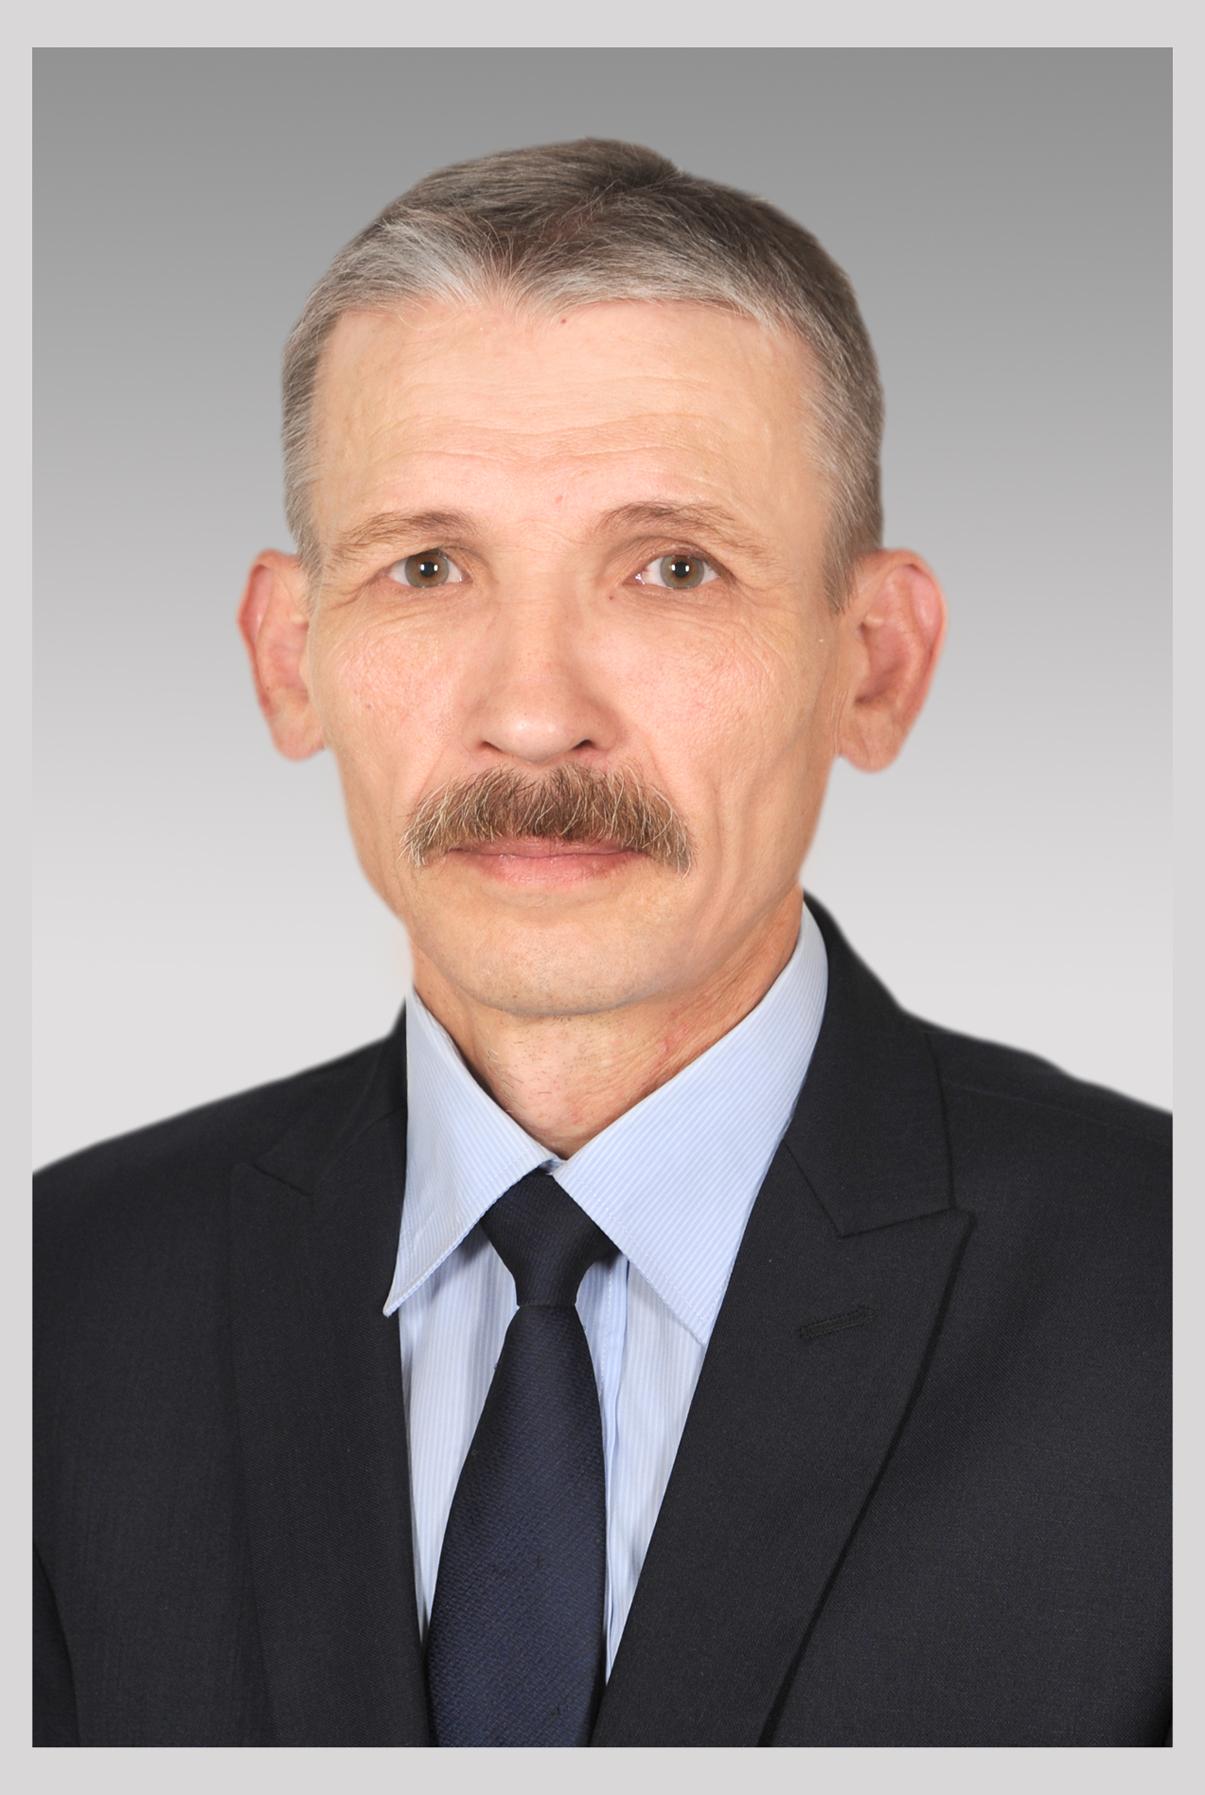 Чекайло Микола Володимирович